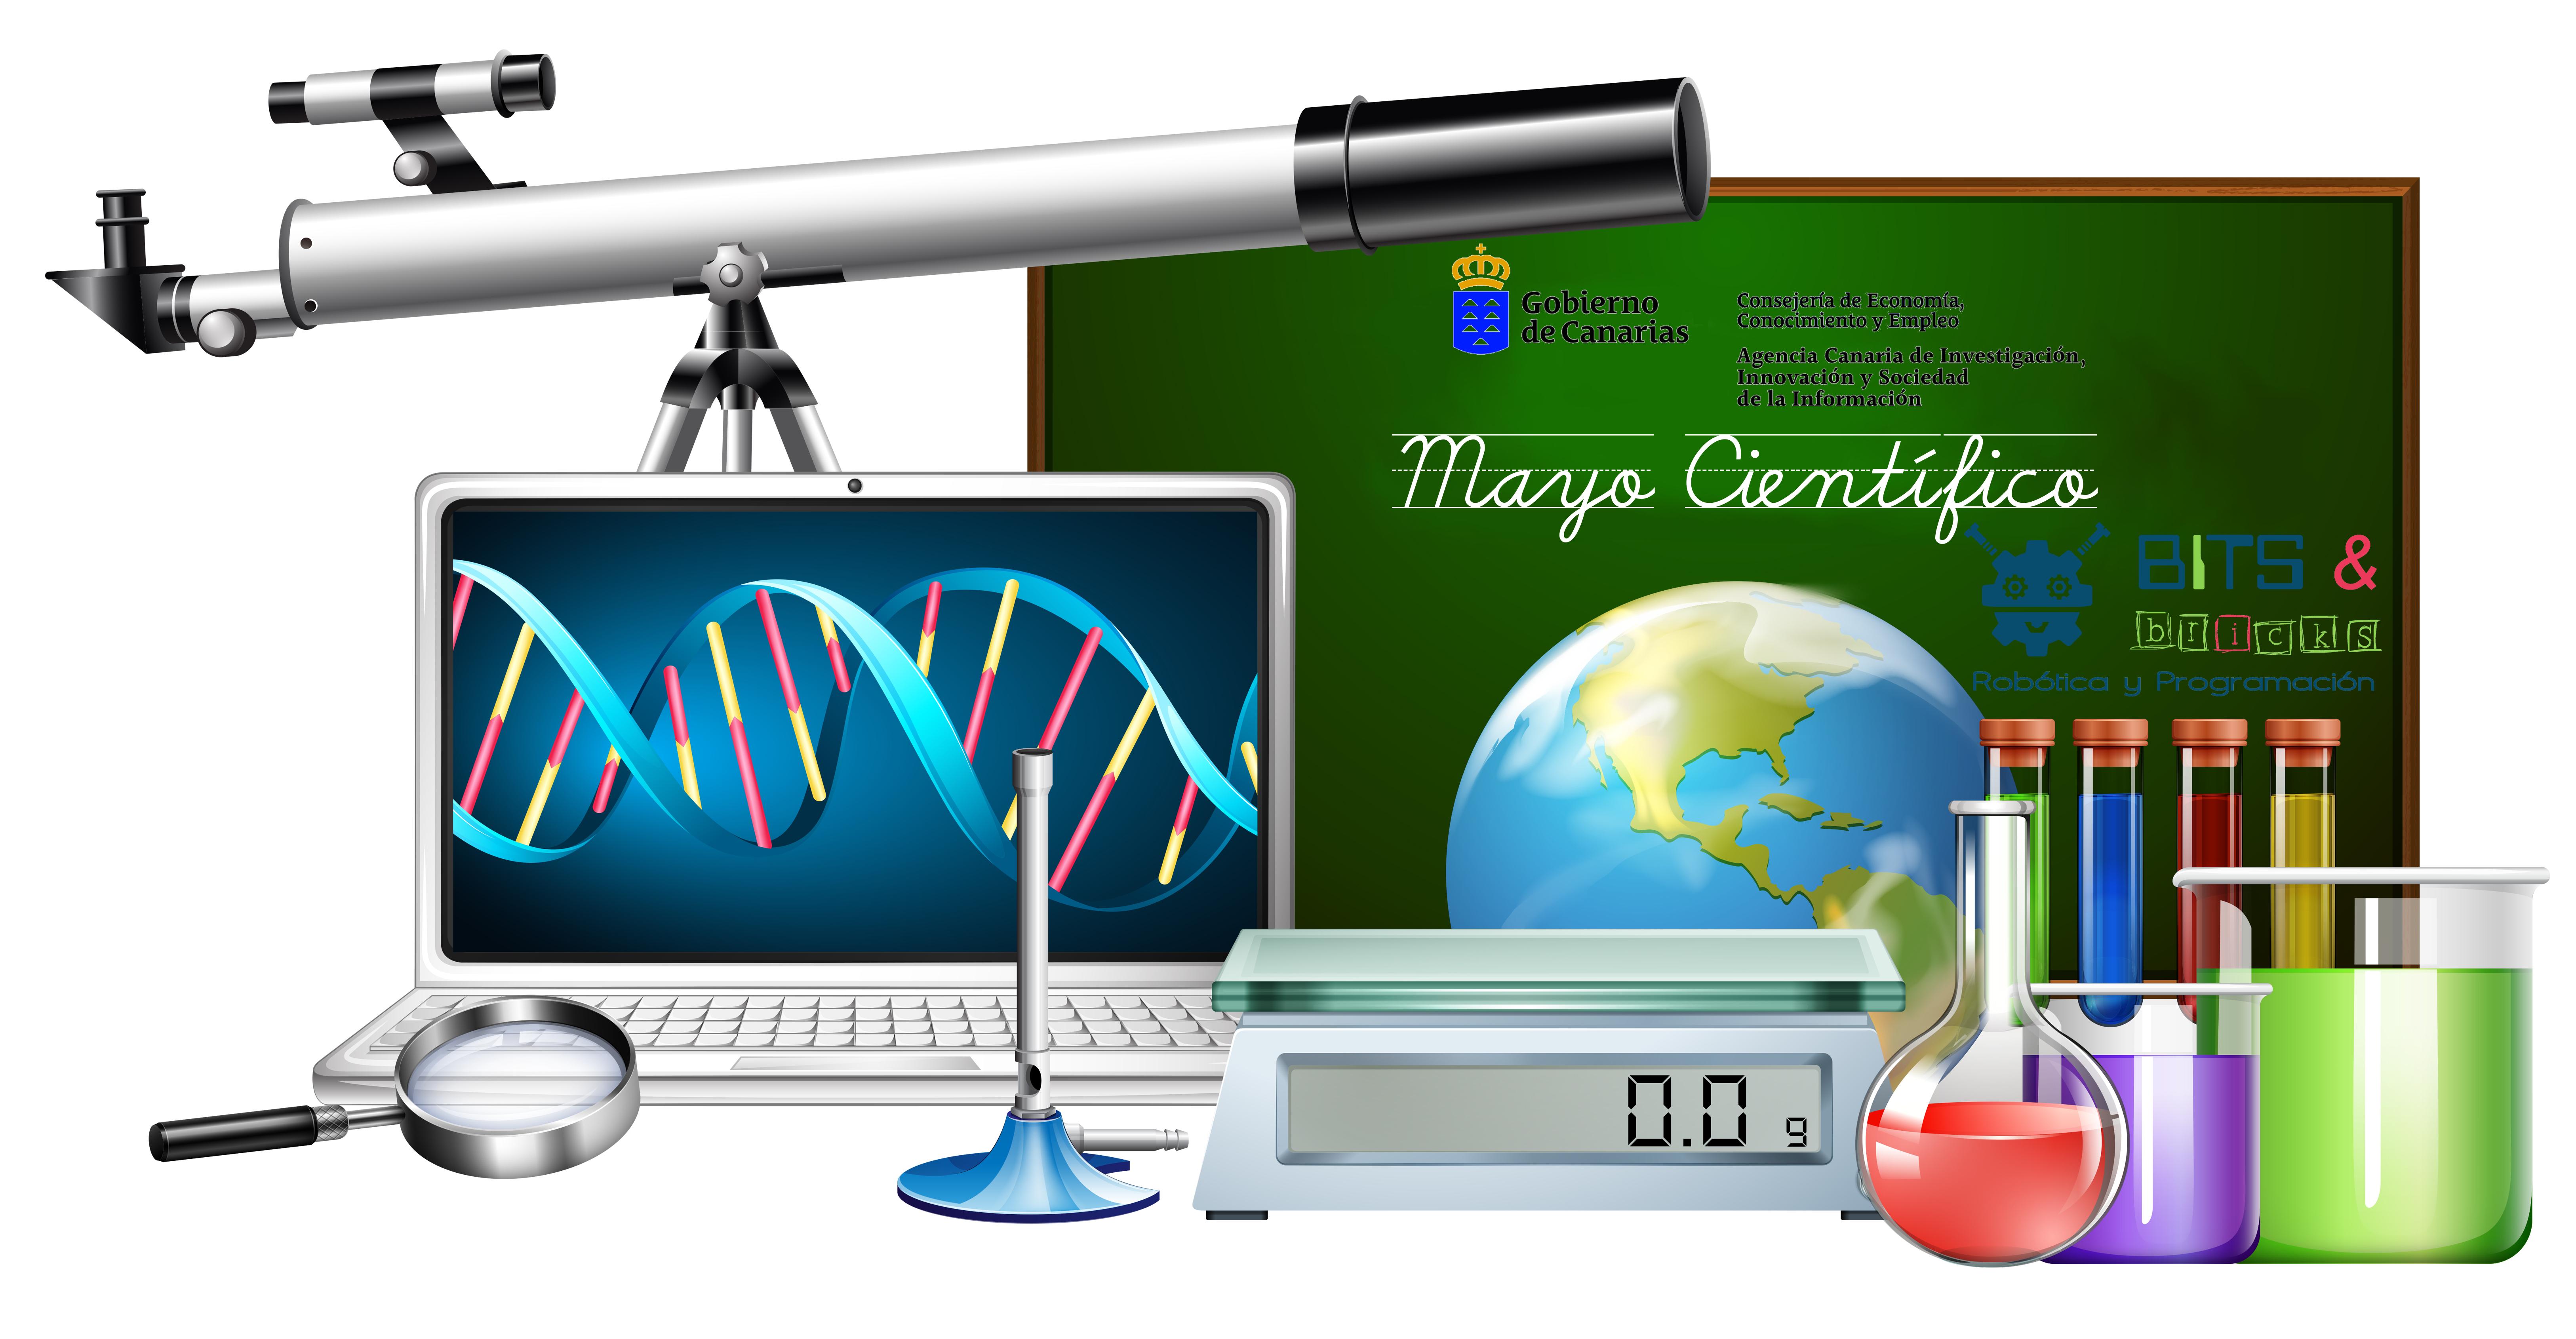 Ciencia Canaria Mayo Científico Virtual 2020